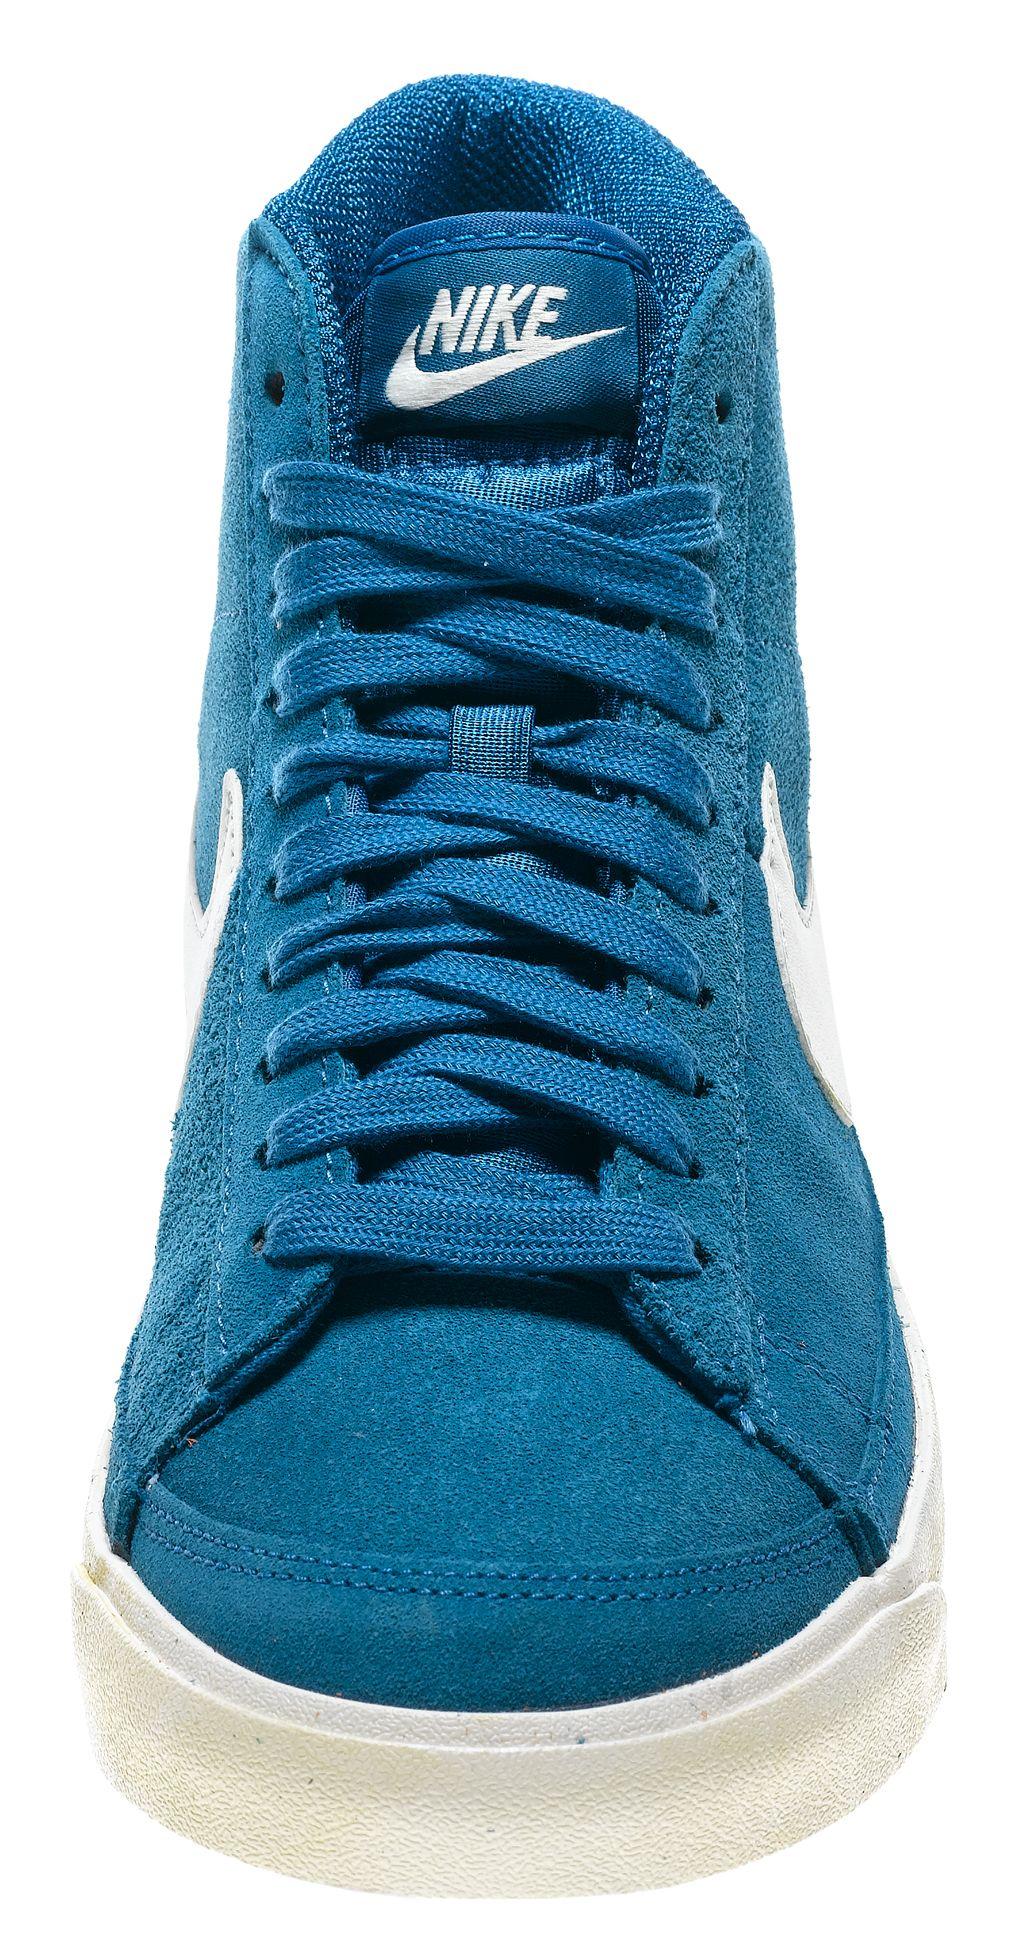 94a49c8cc2a Woman Sneaker